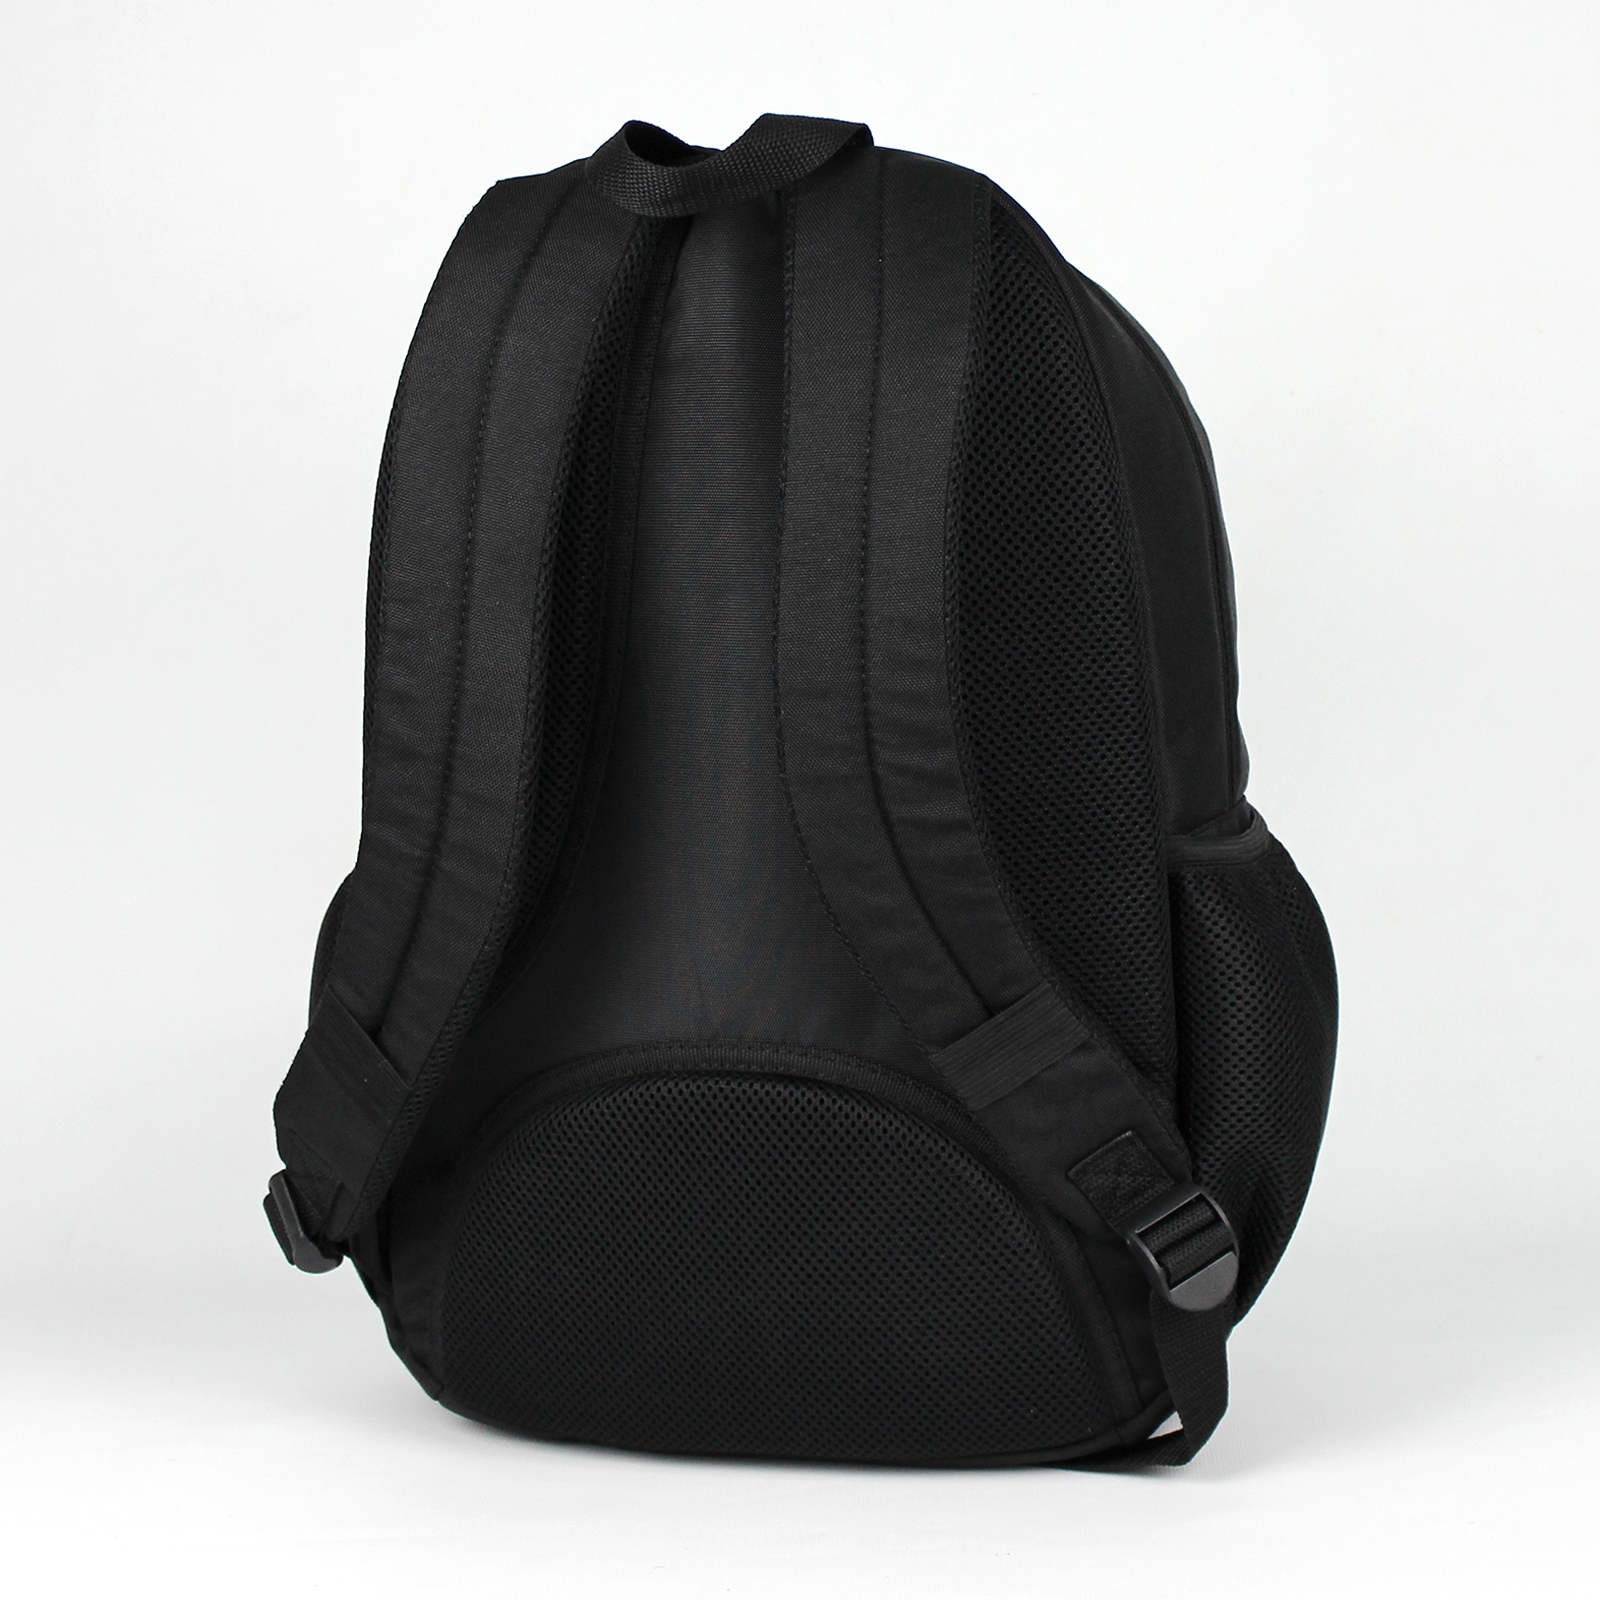 купить рюкзак для школы,купить рюкзак на тренировку,купить рюкзак на тренировку,школьные рюкзаки,рюкзаки для тренировок